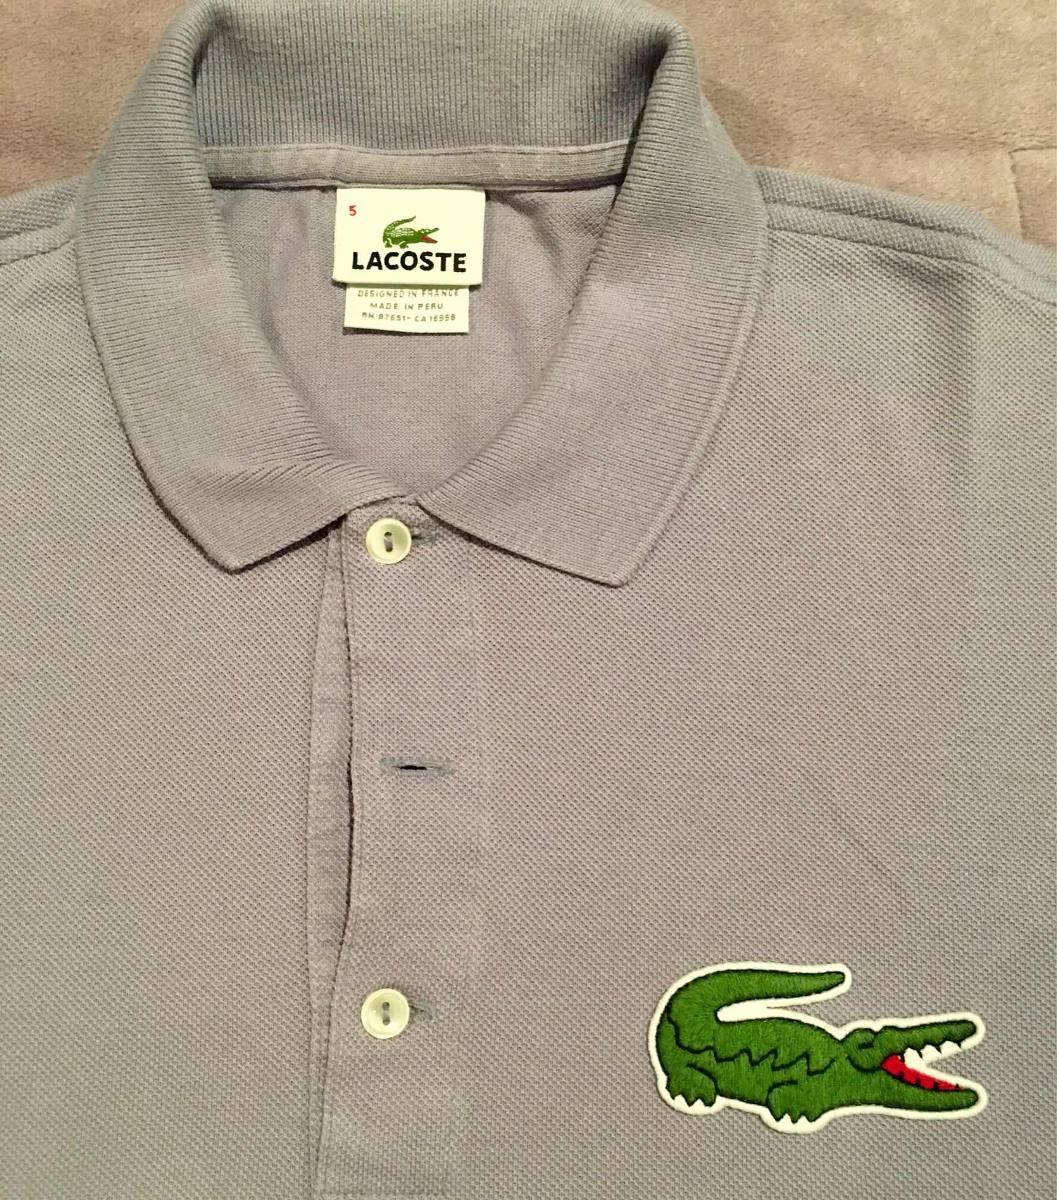 a9612a3ca34 camiseta polo lacoste original lilás. Carregando zoom.